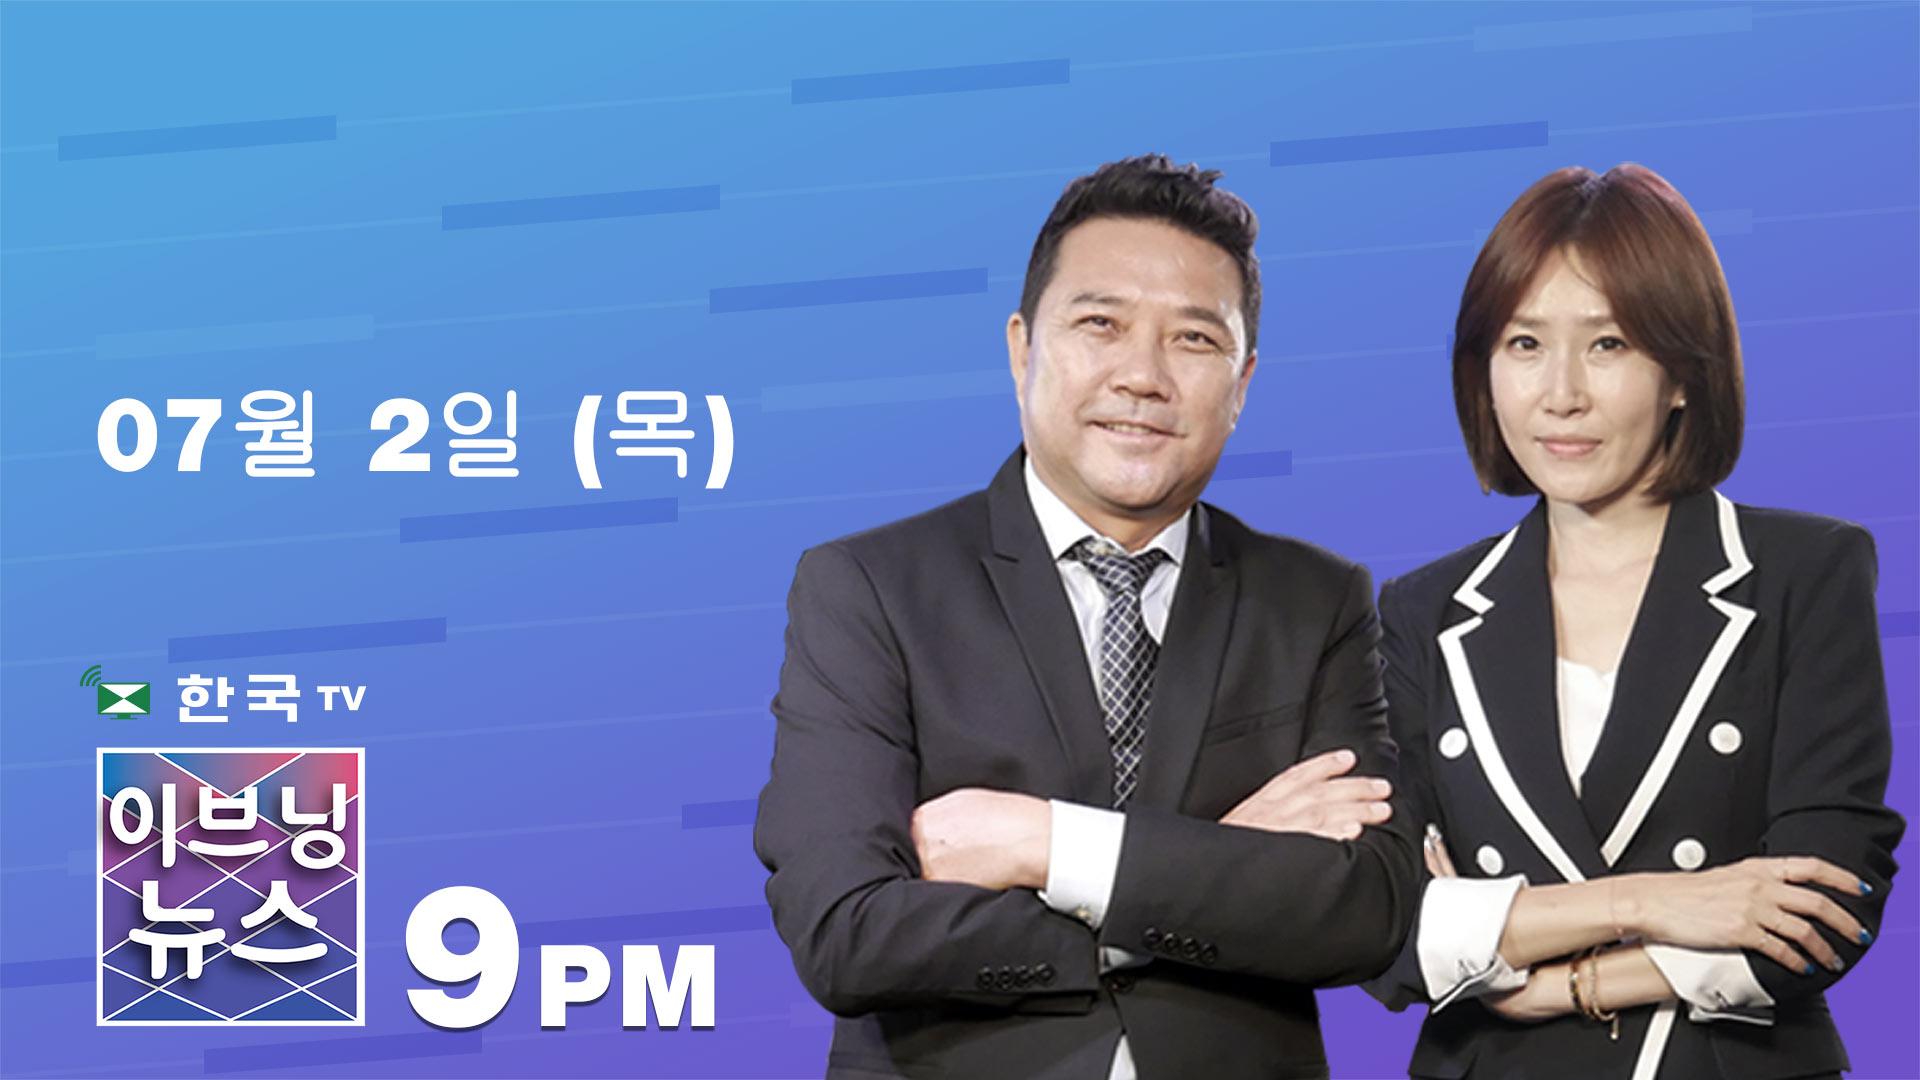 (07.02.2020) 한국TV 이브닝 뉴스